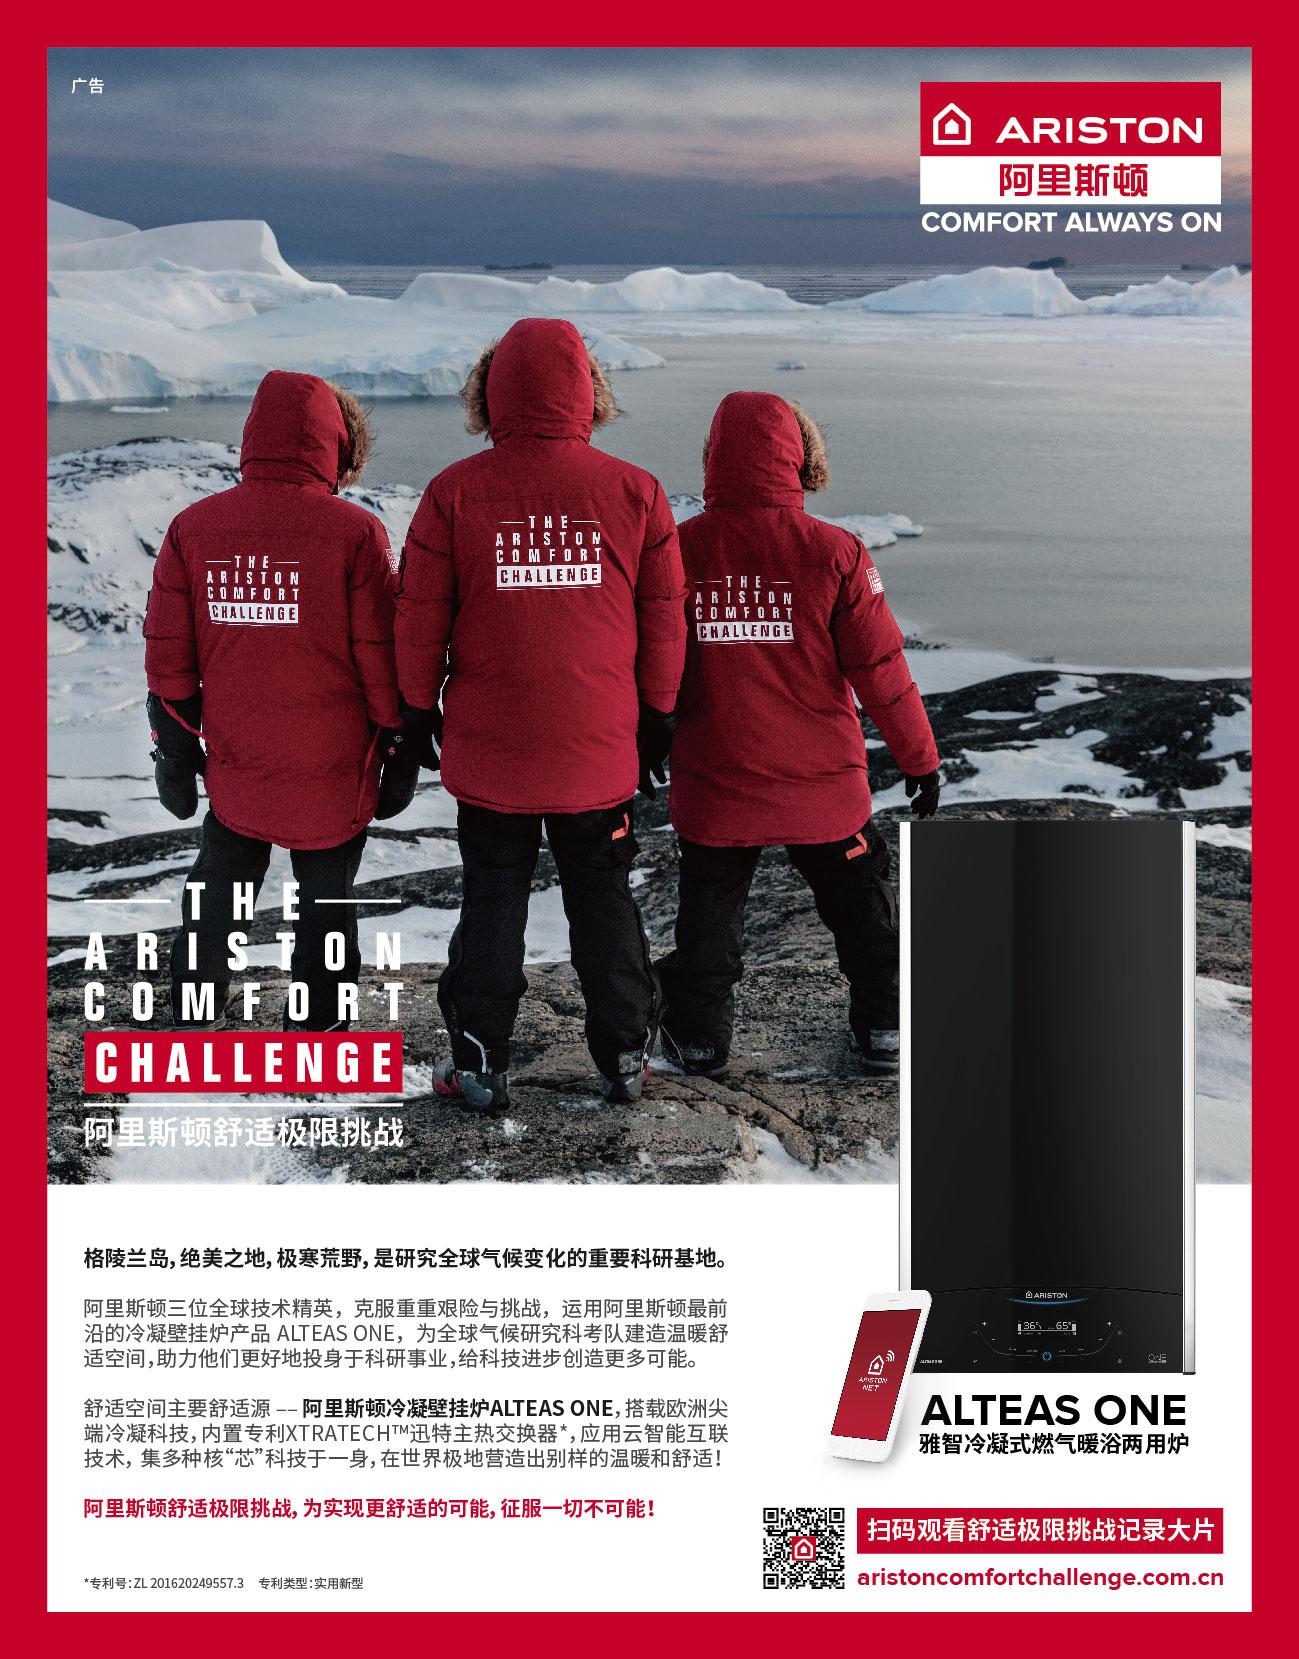 Ariston worldwide campaign, China.